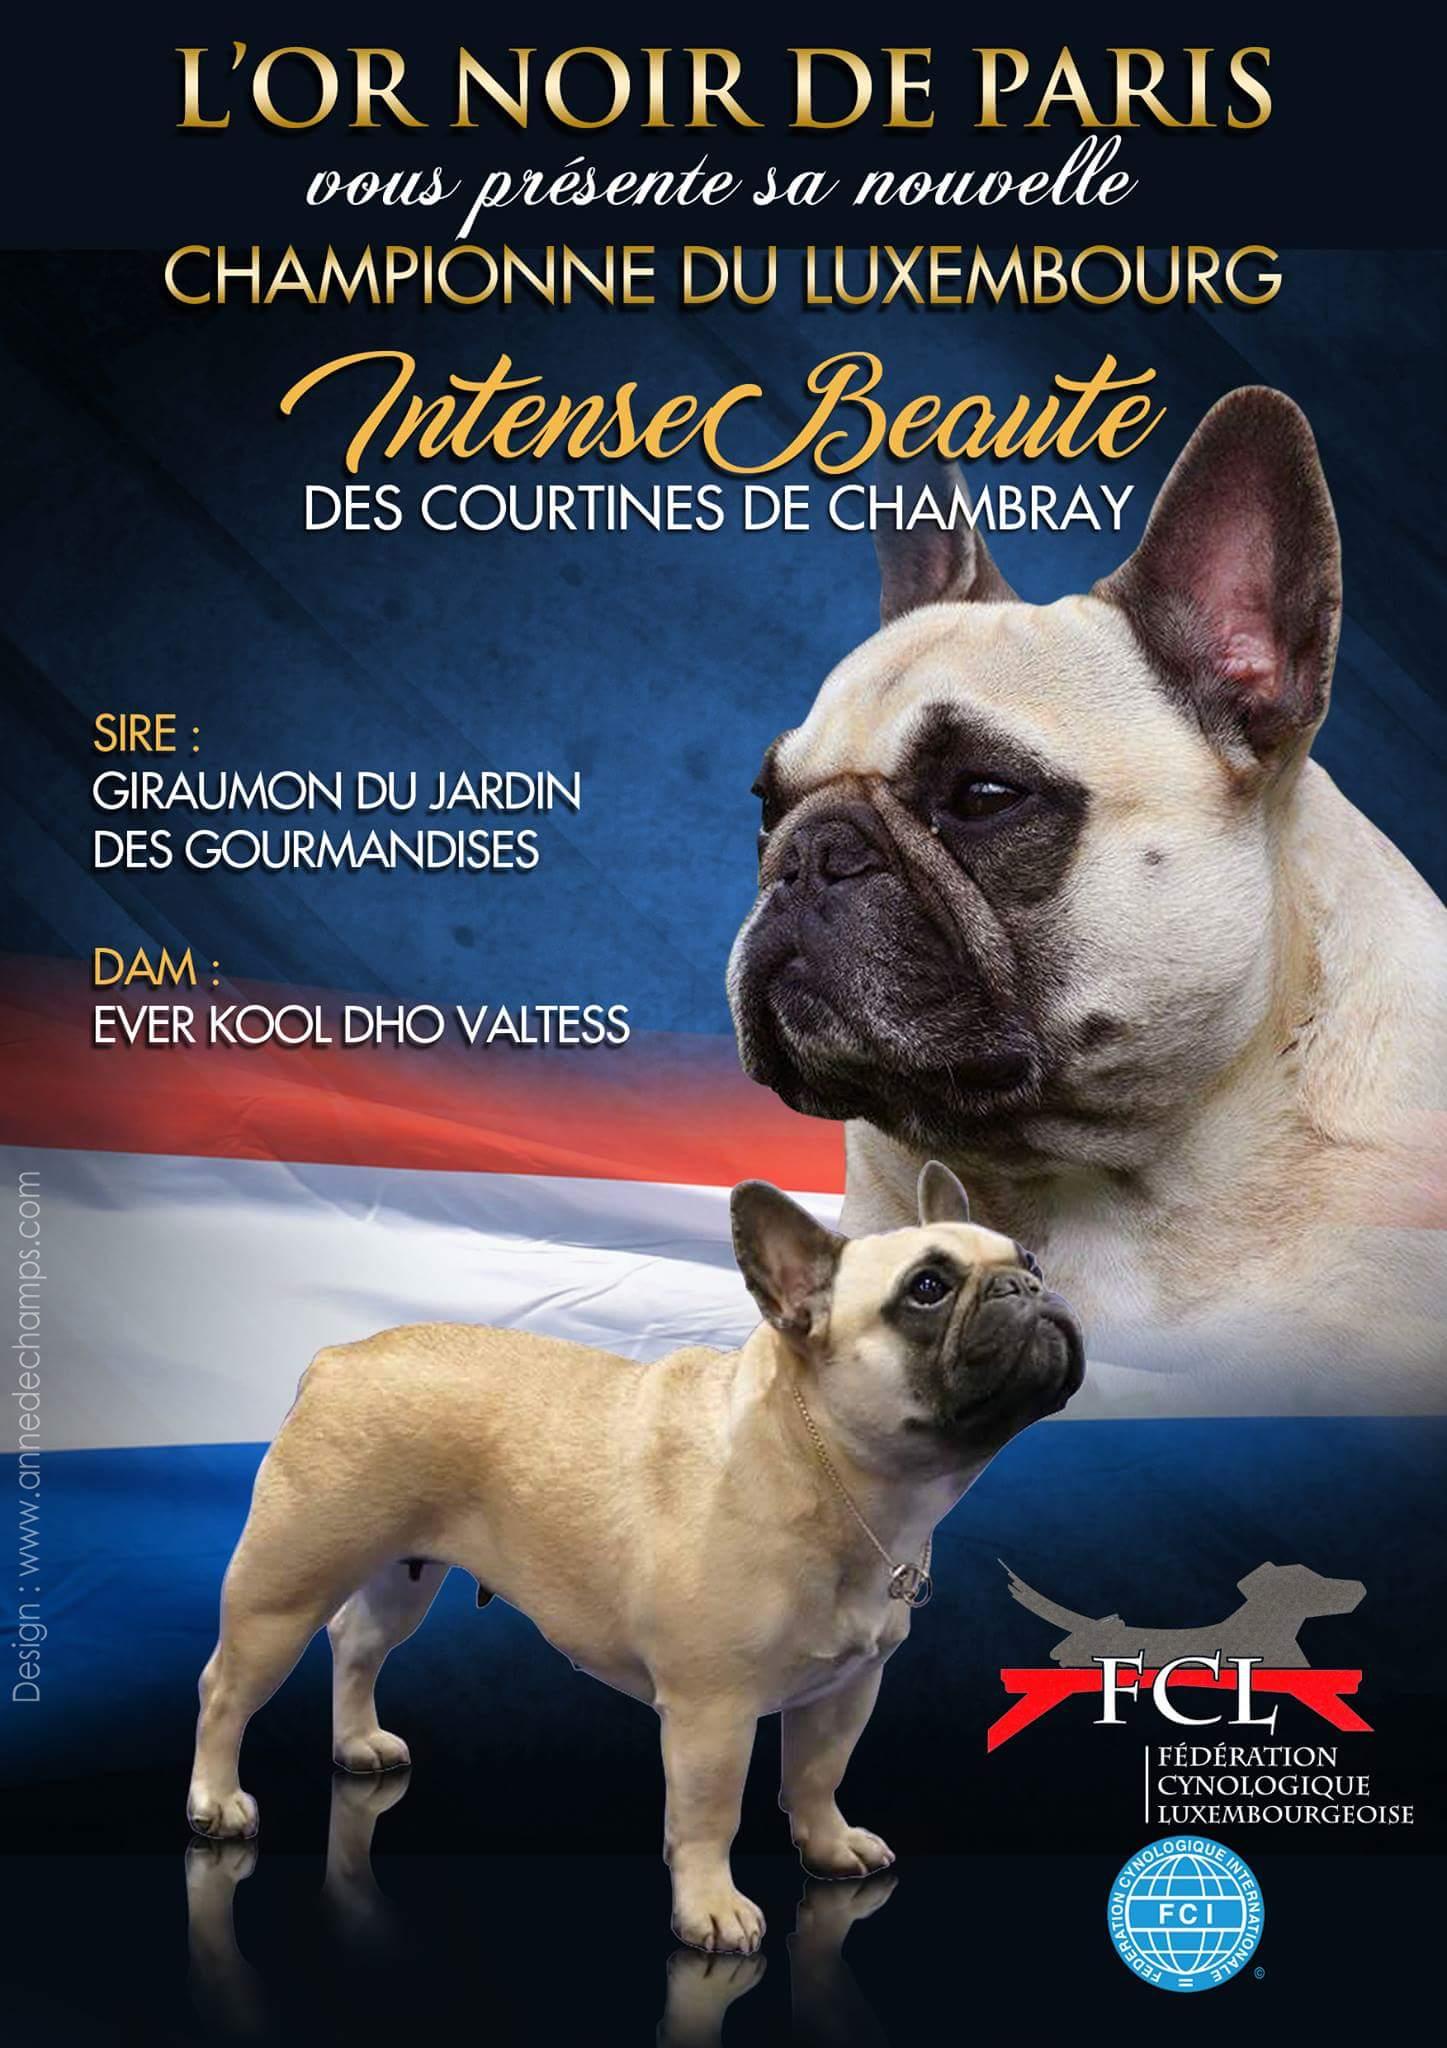 CH. Intense-beauté Des Courtines De Chambray